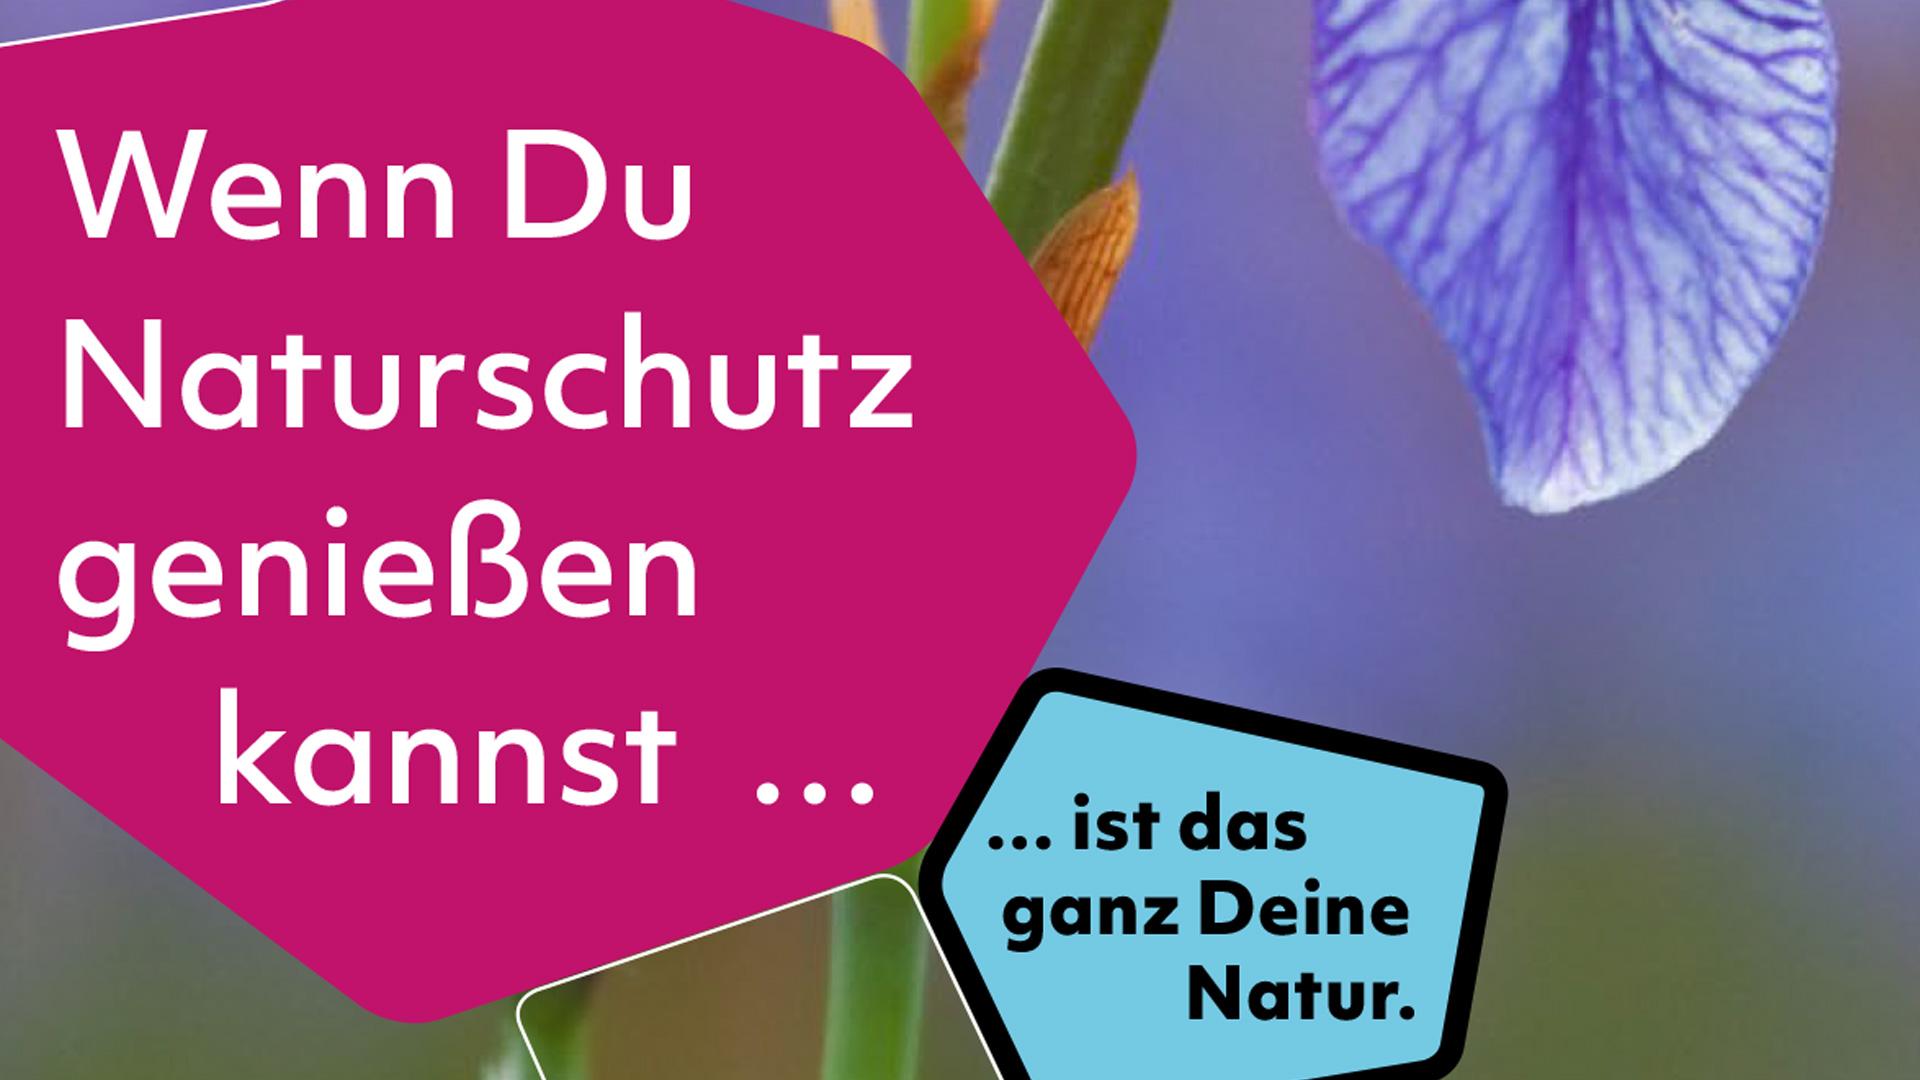 Auf dem Bild sind zwei Kacheln zu sehen mit dem Text: Wenn du Naturschutz genießen kannst... ist das ganz Deine Natur.